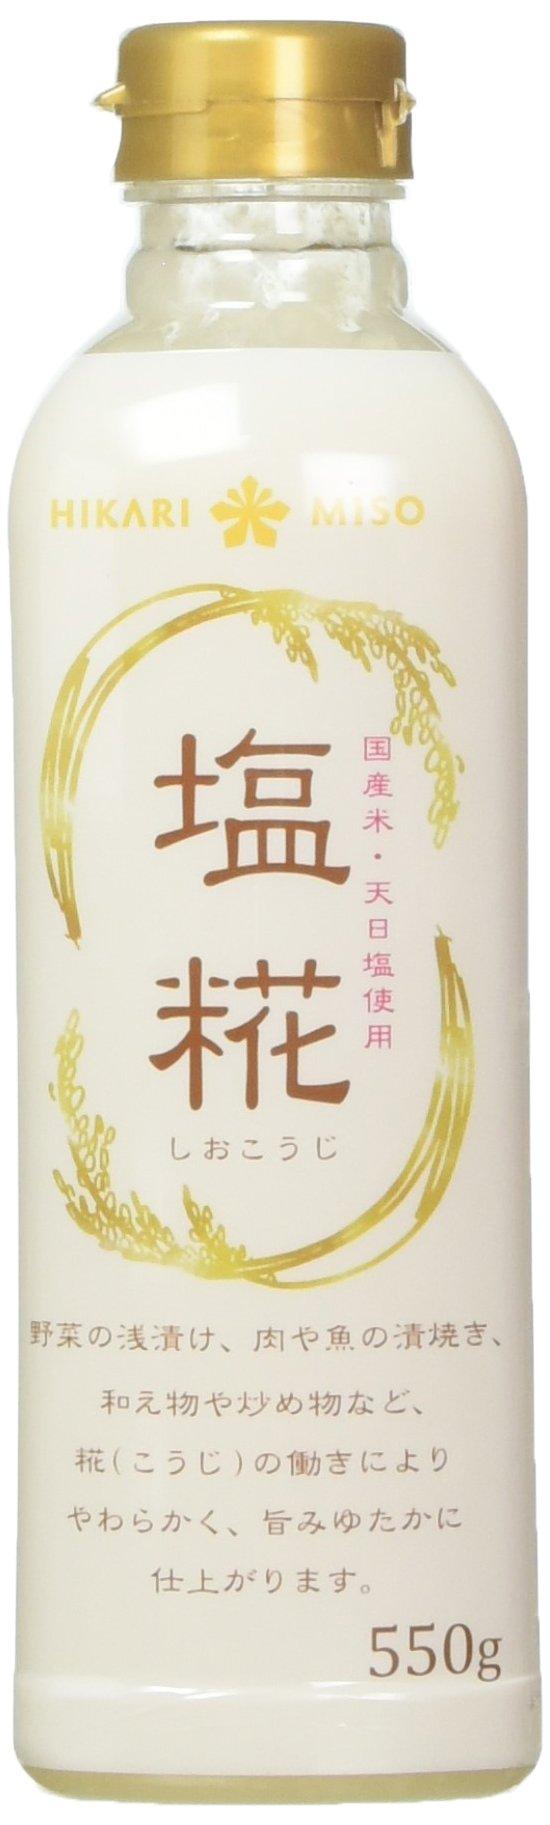 Amazon.com : Nama Shio Koji - Rice-malt Seasoning, 7.05oz